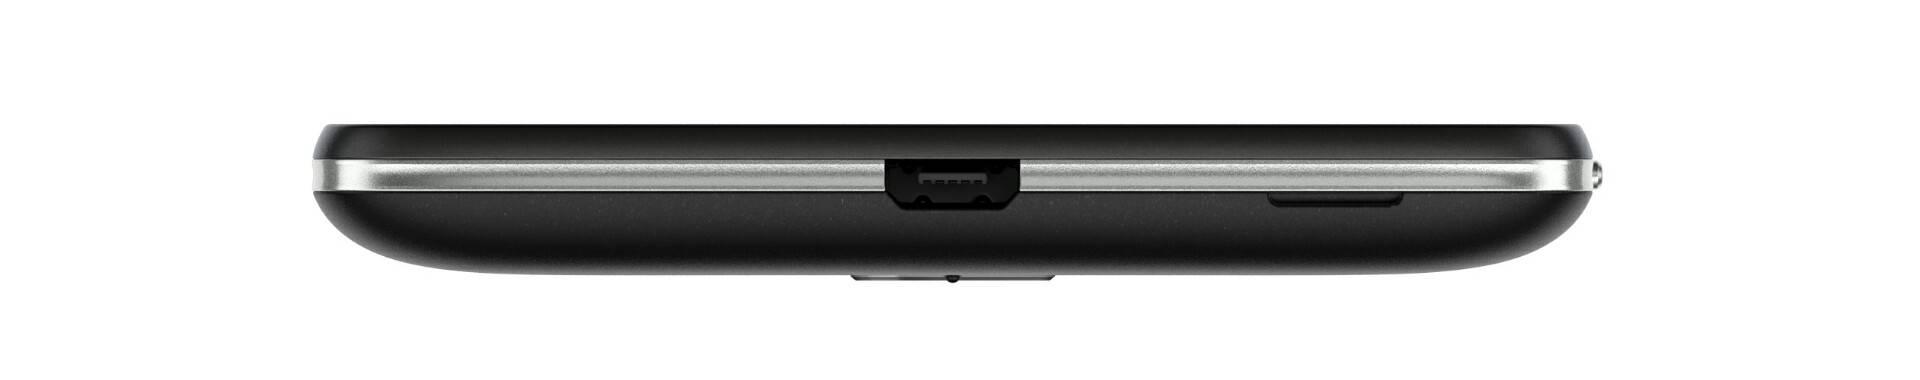 Acer Liquid Zest abs Zest 4G 4